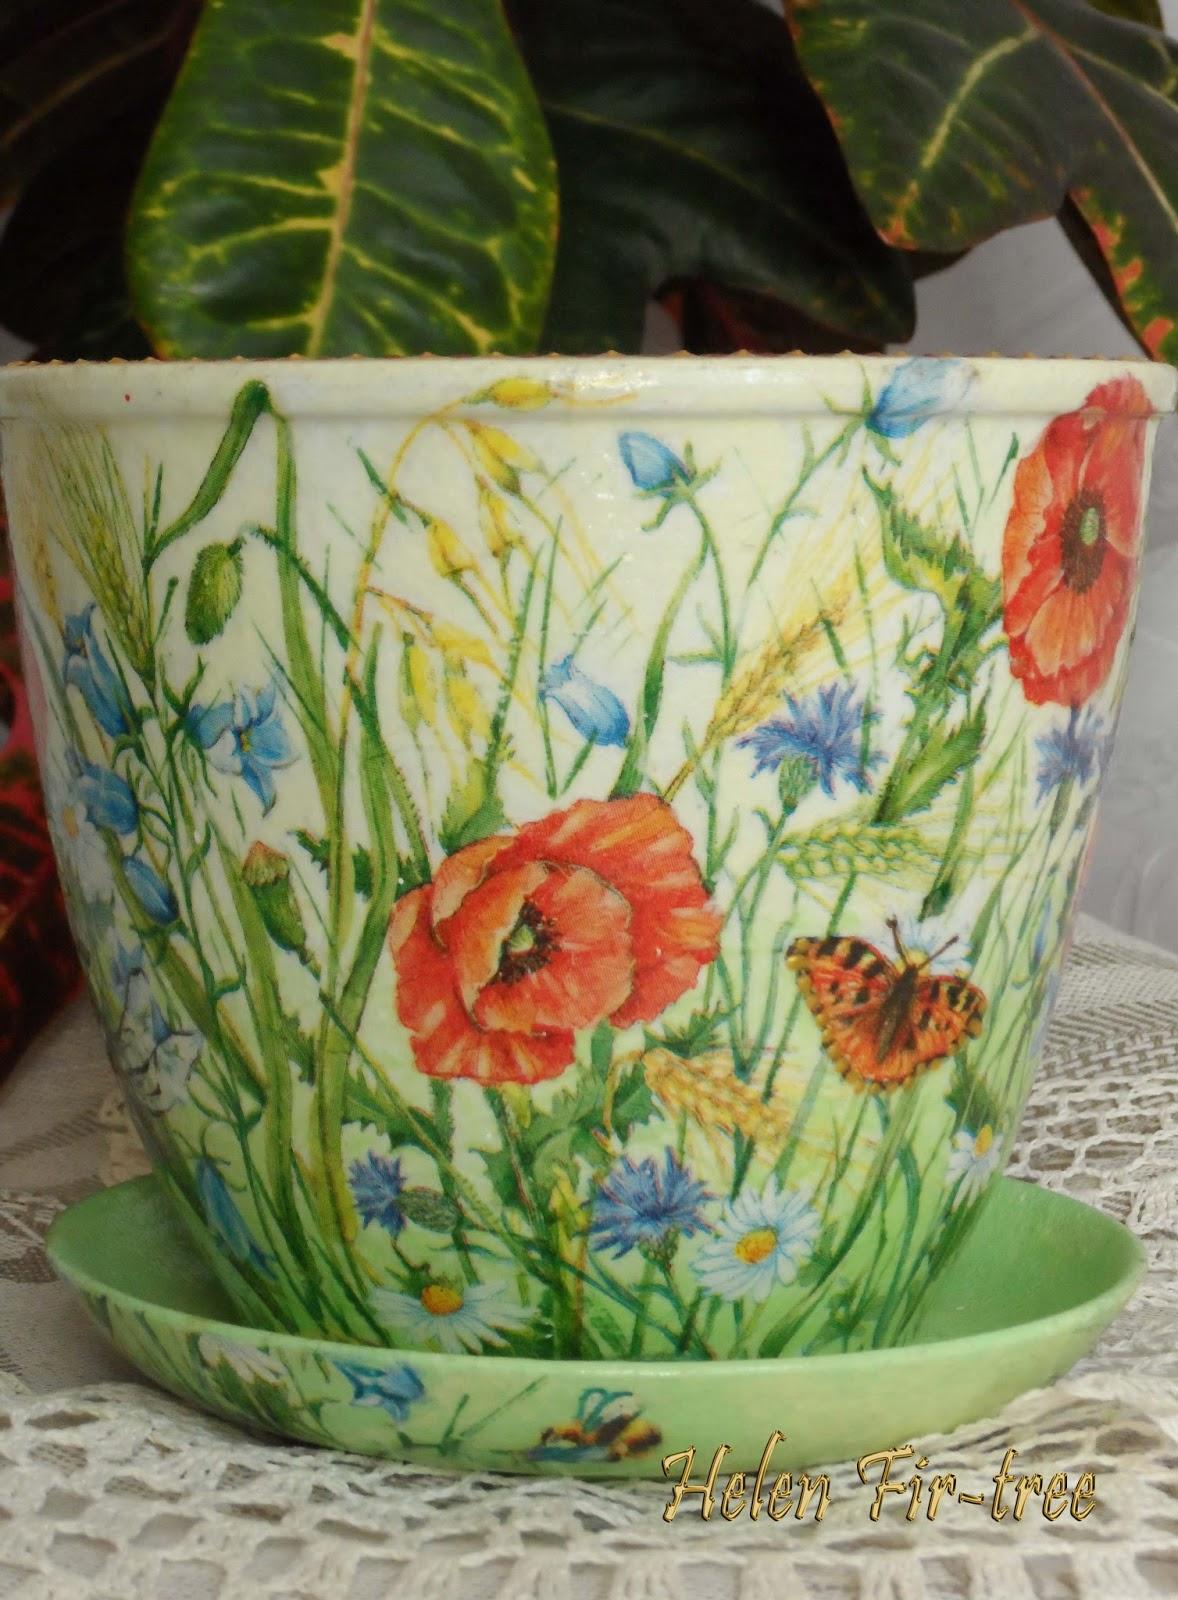 Helen Fir-tree декупаж цветочный горшок лето decoupage flowerpot summerot